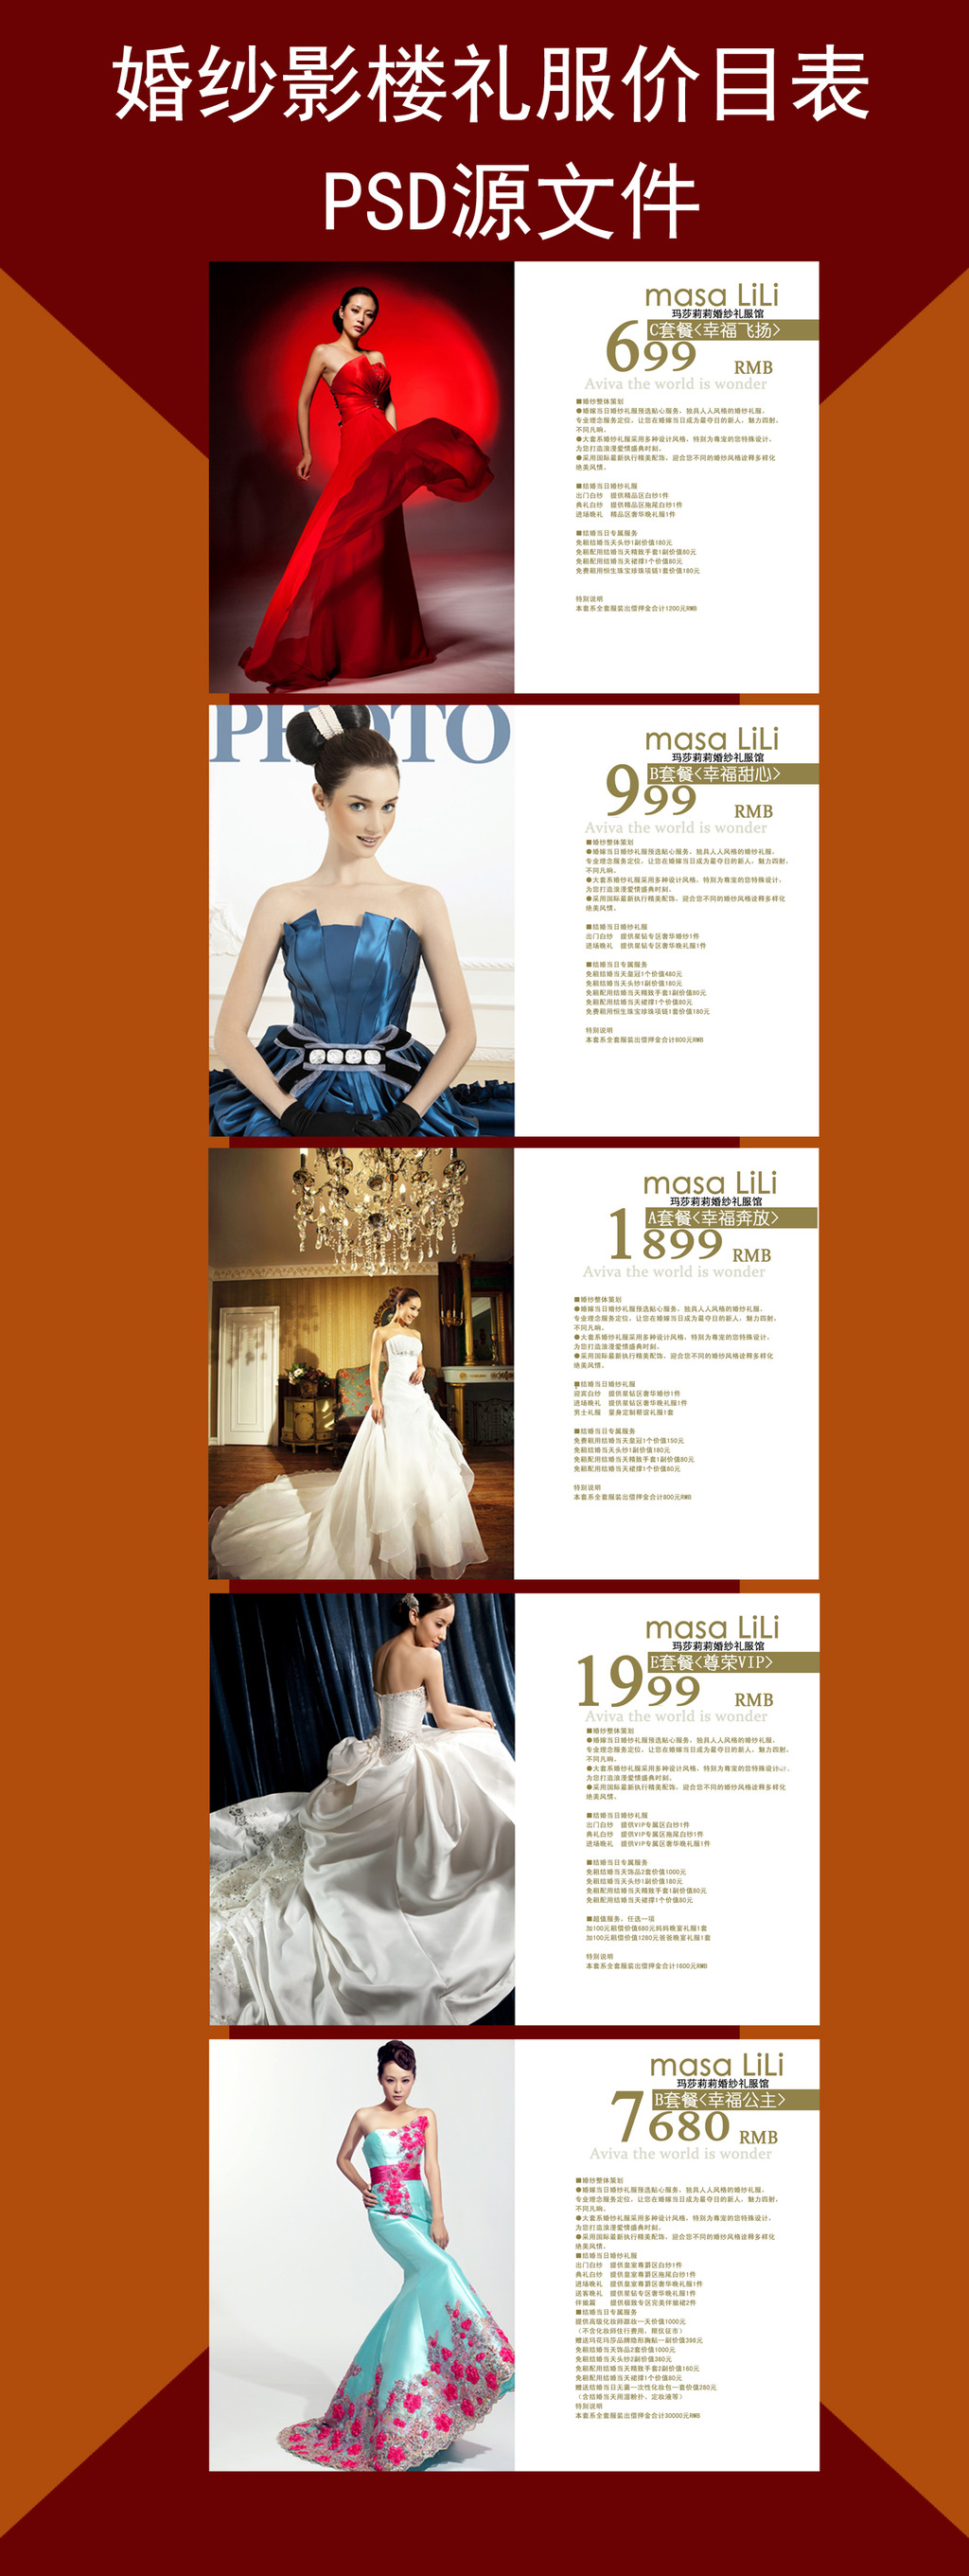 婚纱影楼礼服价目表模板下载(图片编号:12443536)_()